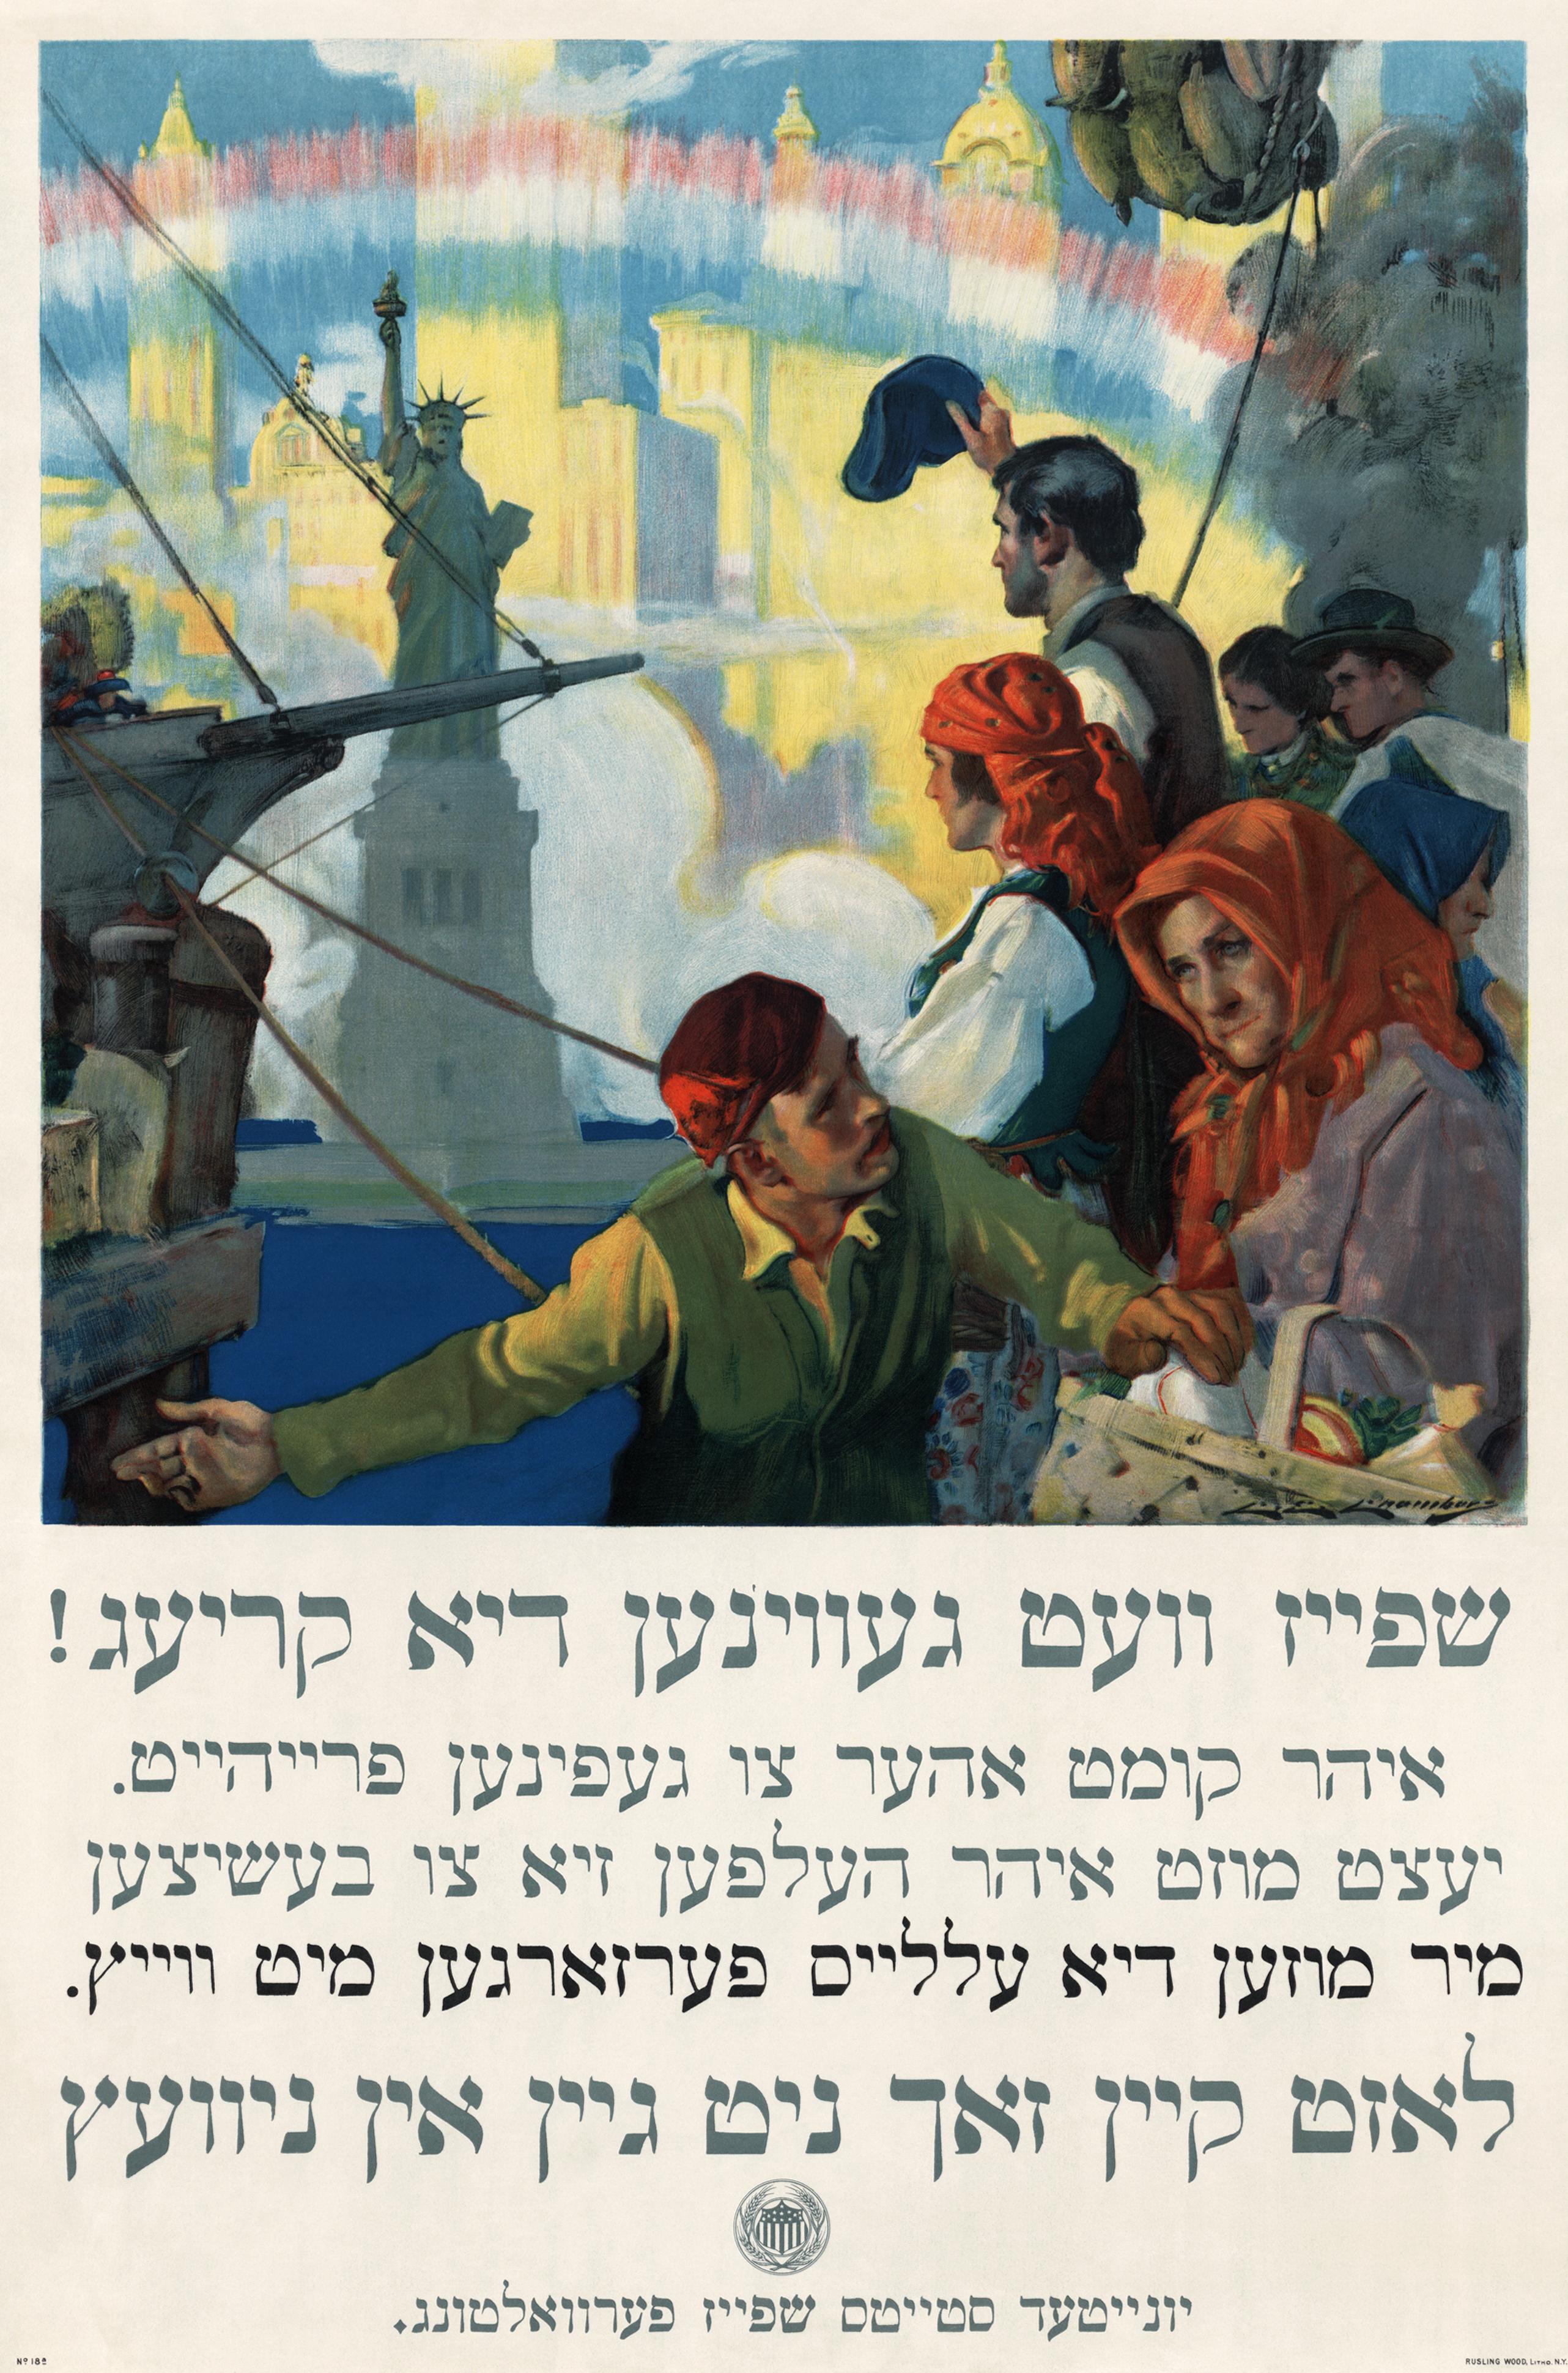 Affisch på yiddisch från första världskrigets USA. 80 år senare - efter att förföljelserna av språkets talare blivit fruktansvärda, vidriga och dödliga bortom beskrivning - erkändes språket officiellt av Sverige.